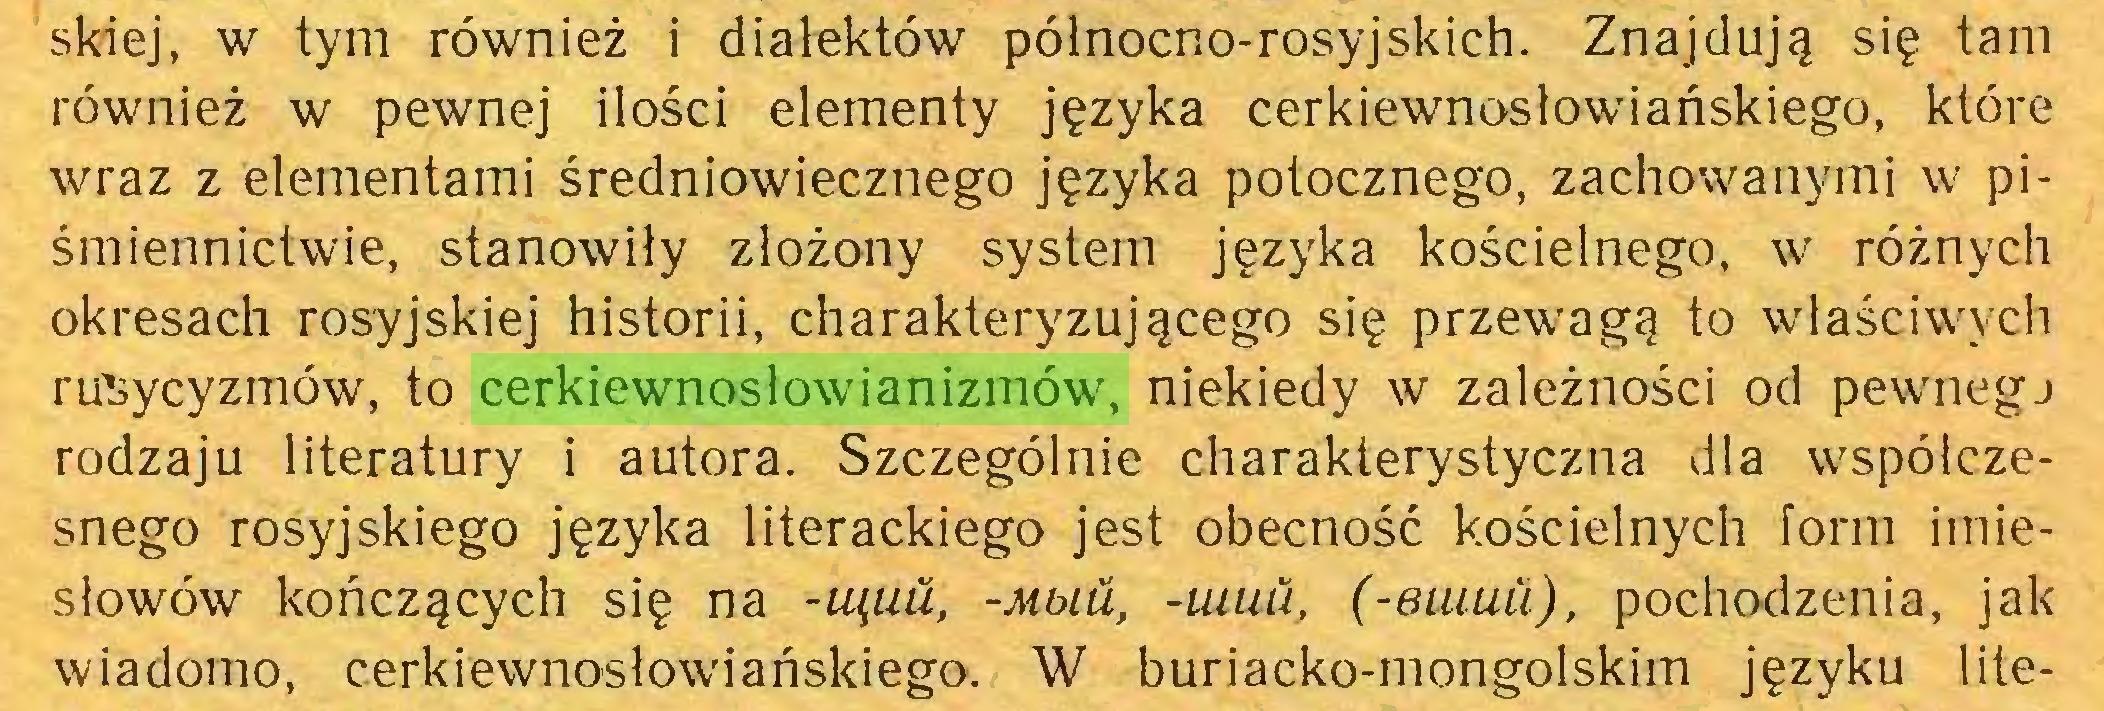 (...) skiej, w tym również i dialektów północno-rosyjskich. Znajdują się tam również w pewnej ilości elementy języka cerkiewnosłowiańskiego, które wraz z elementami średniowiecznego języka potocznego, zachowanymi w piśmiennictwie, stanowiły złożony system języka kościelnego, w różnych okresach rosyjskiej historii, charakteryzującego się przewagą to właściwych rusycyzmów, to cerkiewnosłowianizmów, niekiedy w zależności od pewnegj rodzaju literatury i autora. Szczególnie charakterystyczna dla współczesnego rosyjskiego języka literackiego jest obecność kościelnych form imiesłowów kończących się na -tąuu, -muli, -uiuu, (-eiuuii), pochodzenia, jak wiadomo, cerkiewnosłowiańskiego. W buriacko-mongolskim języku lite...